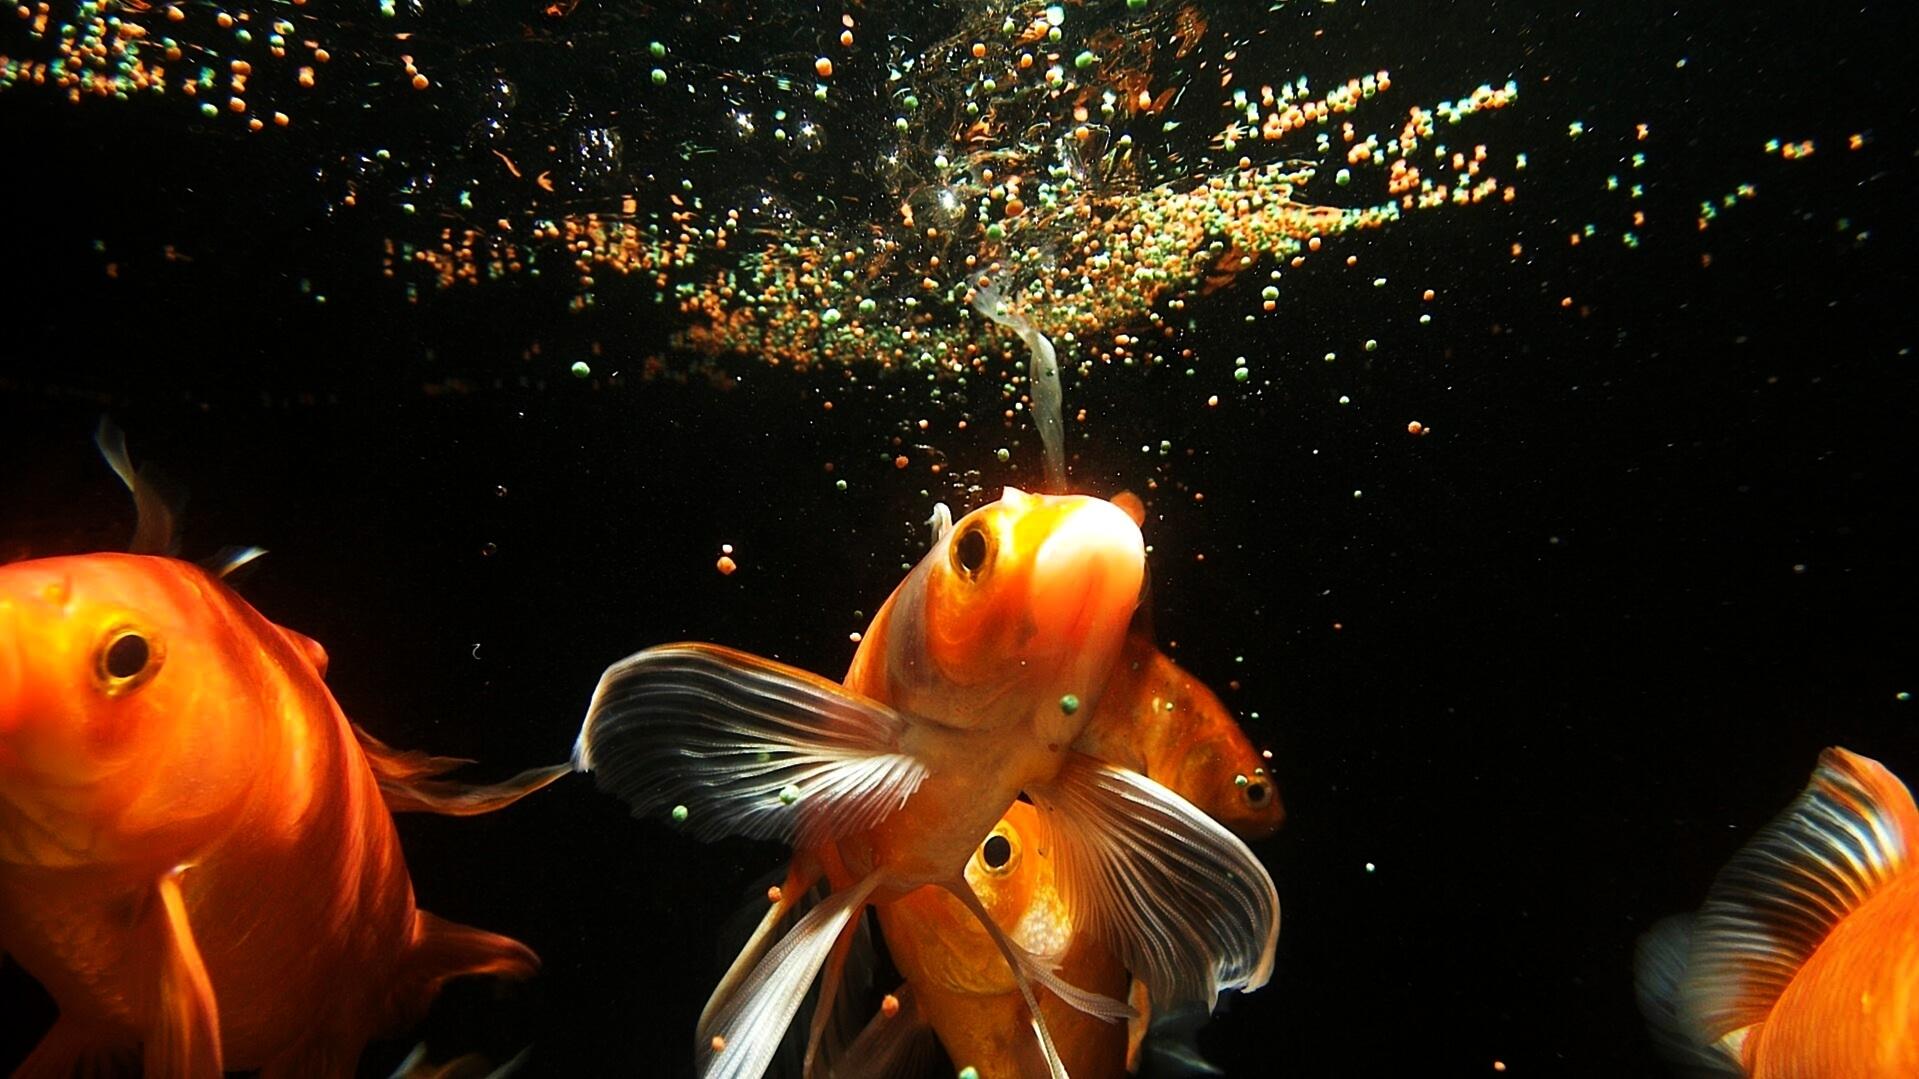 ՉԻ՛ կարելի չափից ավել կերակրել ձկներին